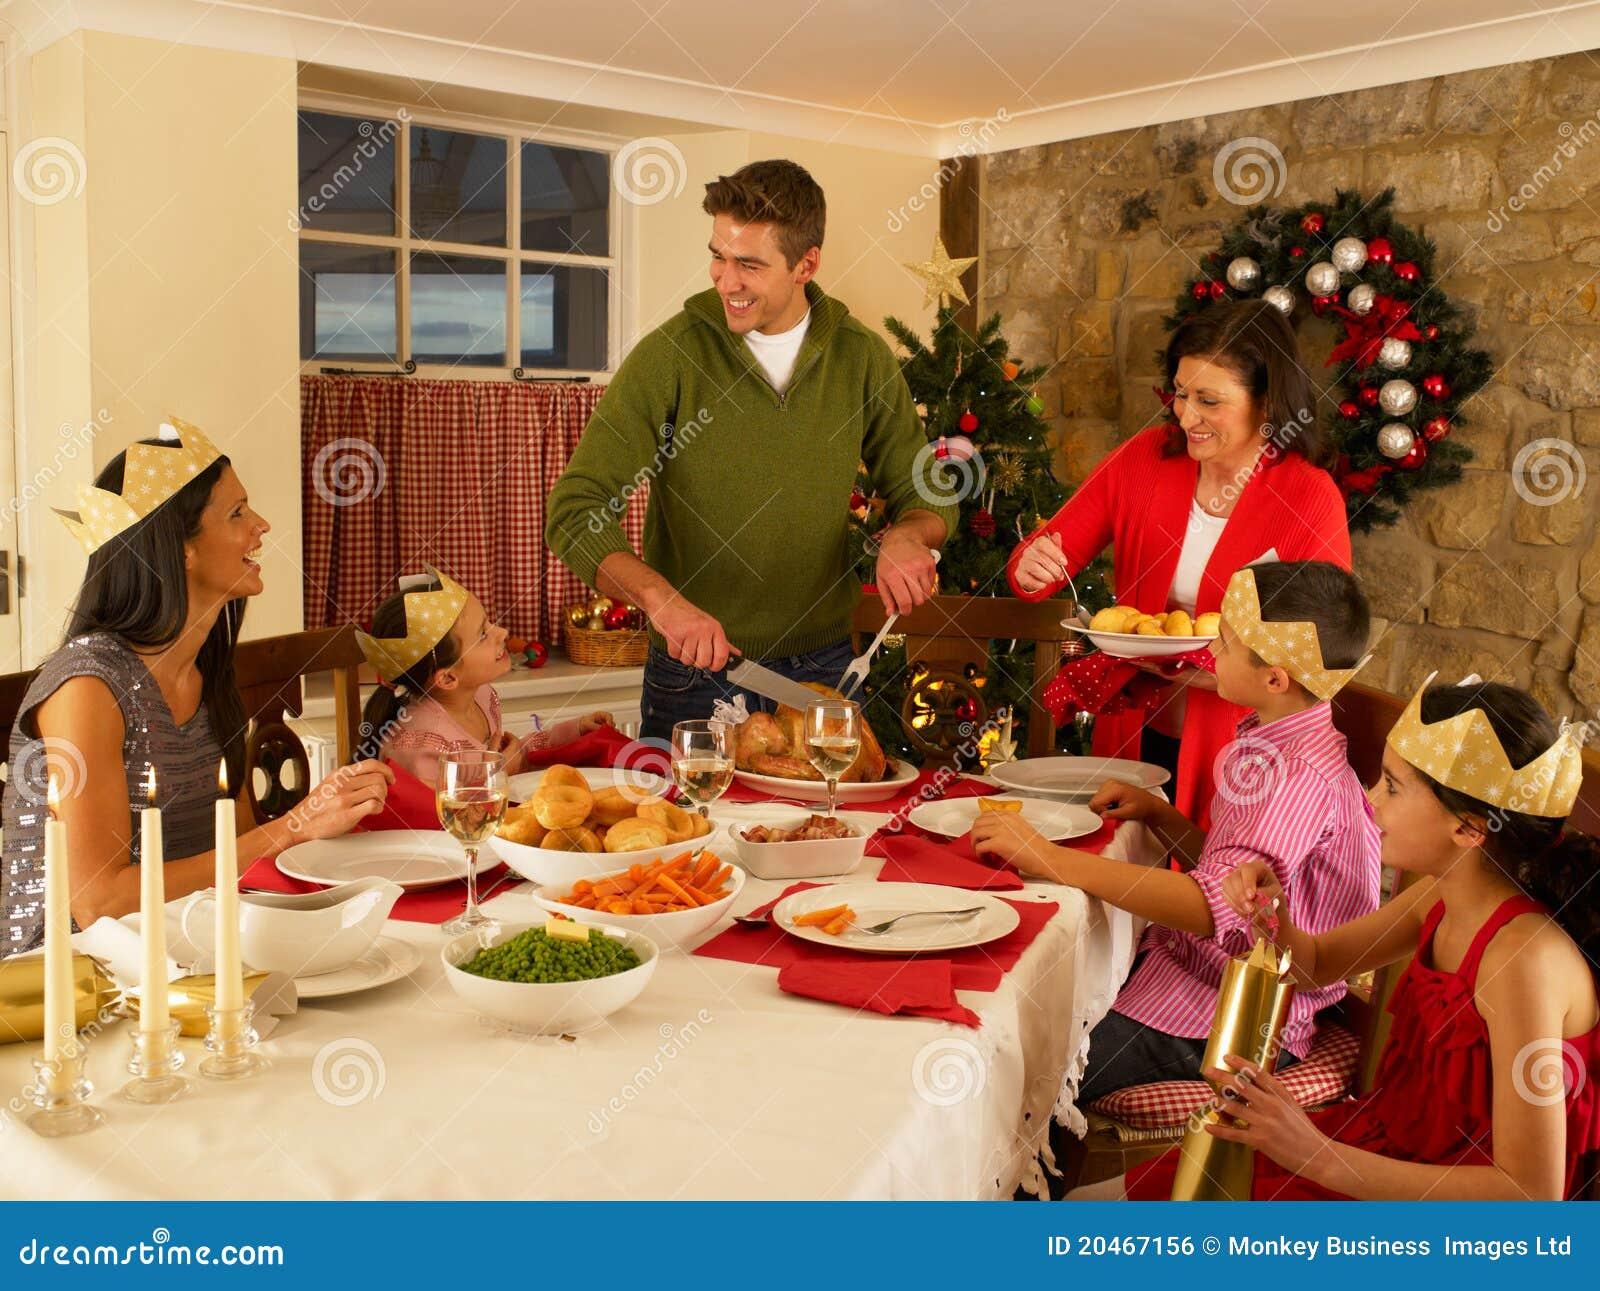 Christmas Ideas 7 Year Old Boy